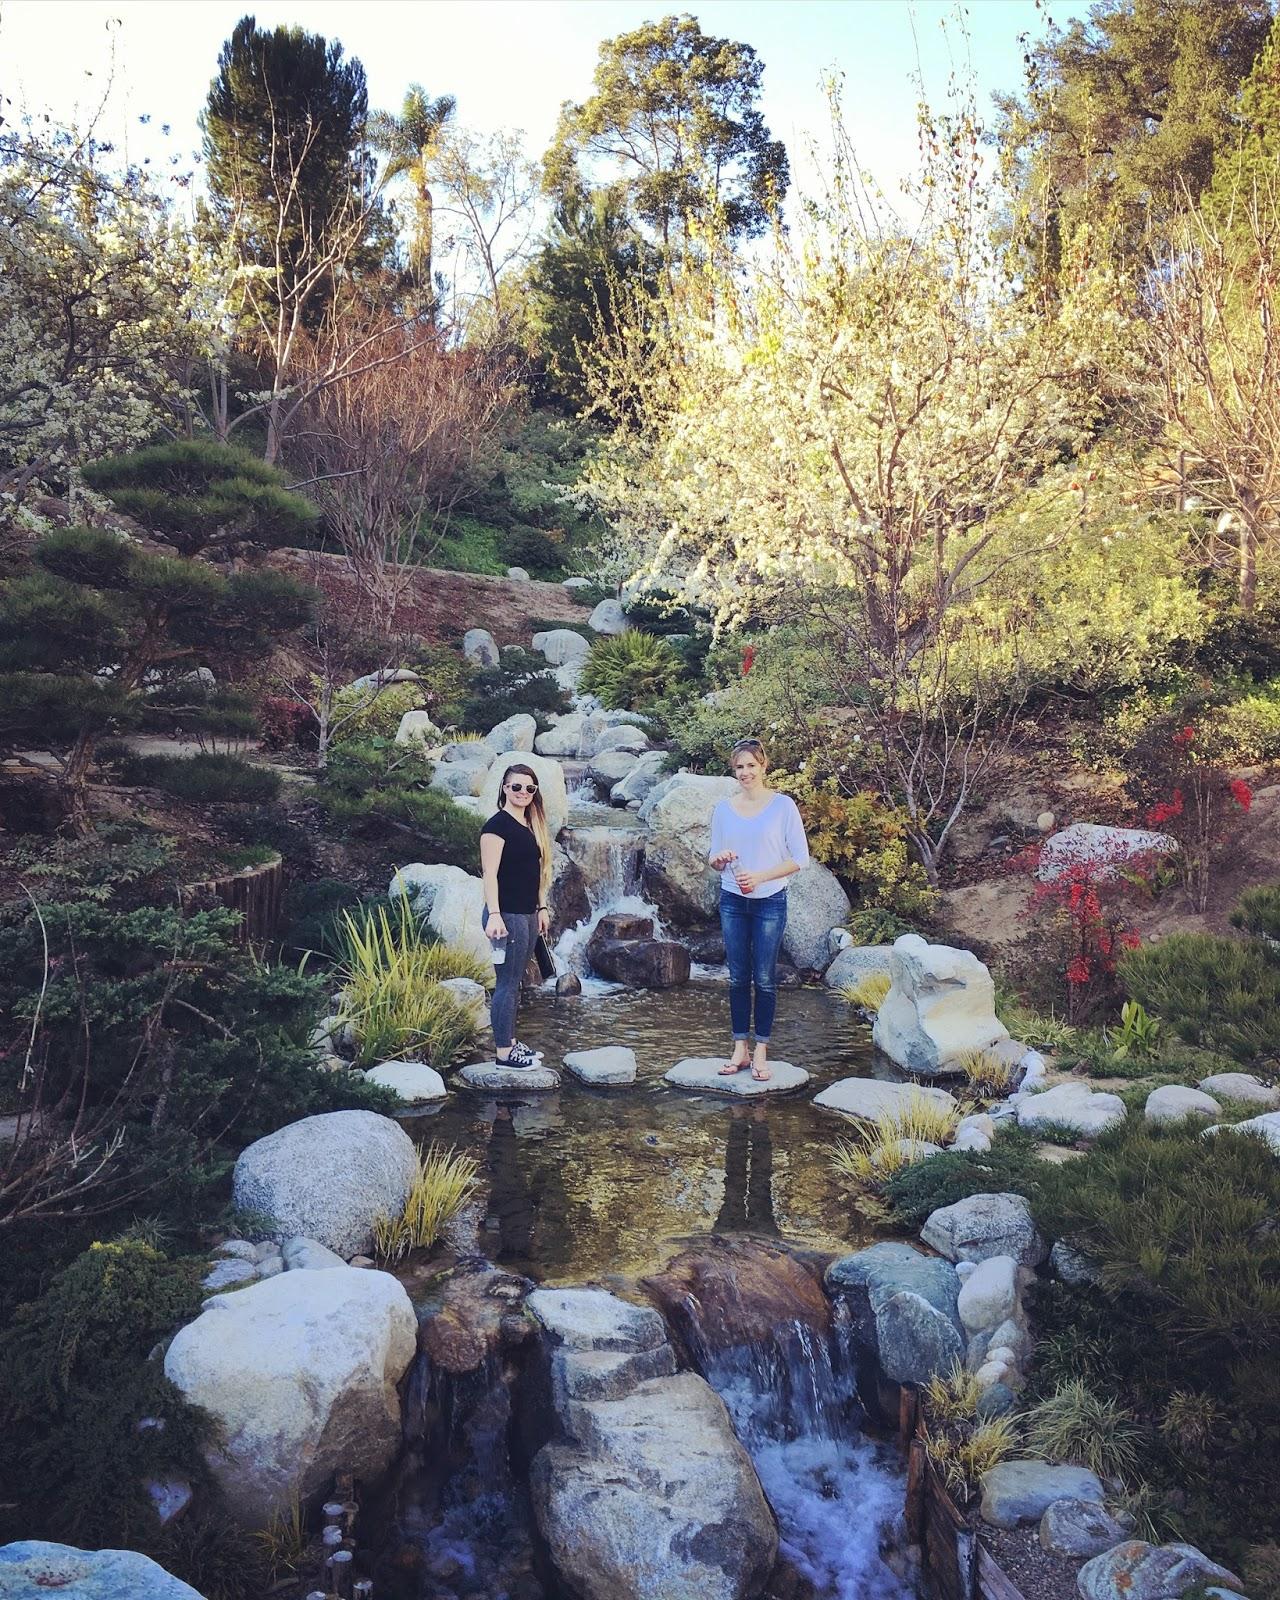 Sensory overload balboa park japanese friendship garden for Japanese friendship garden